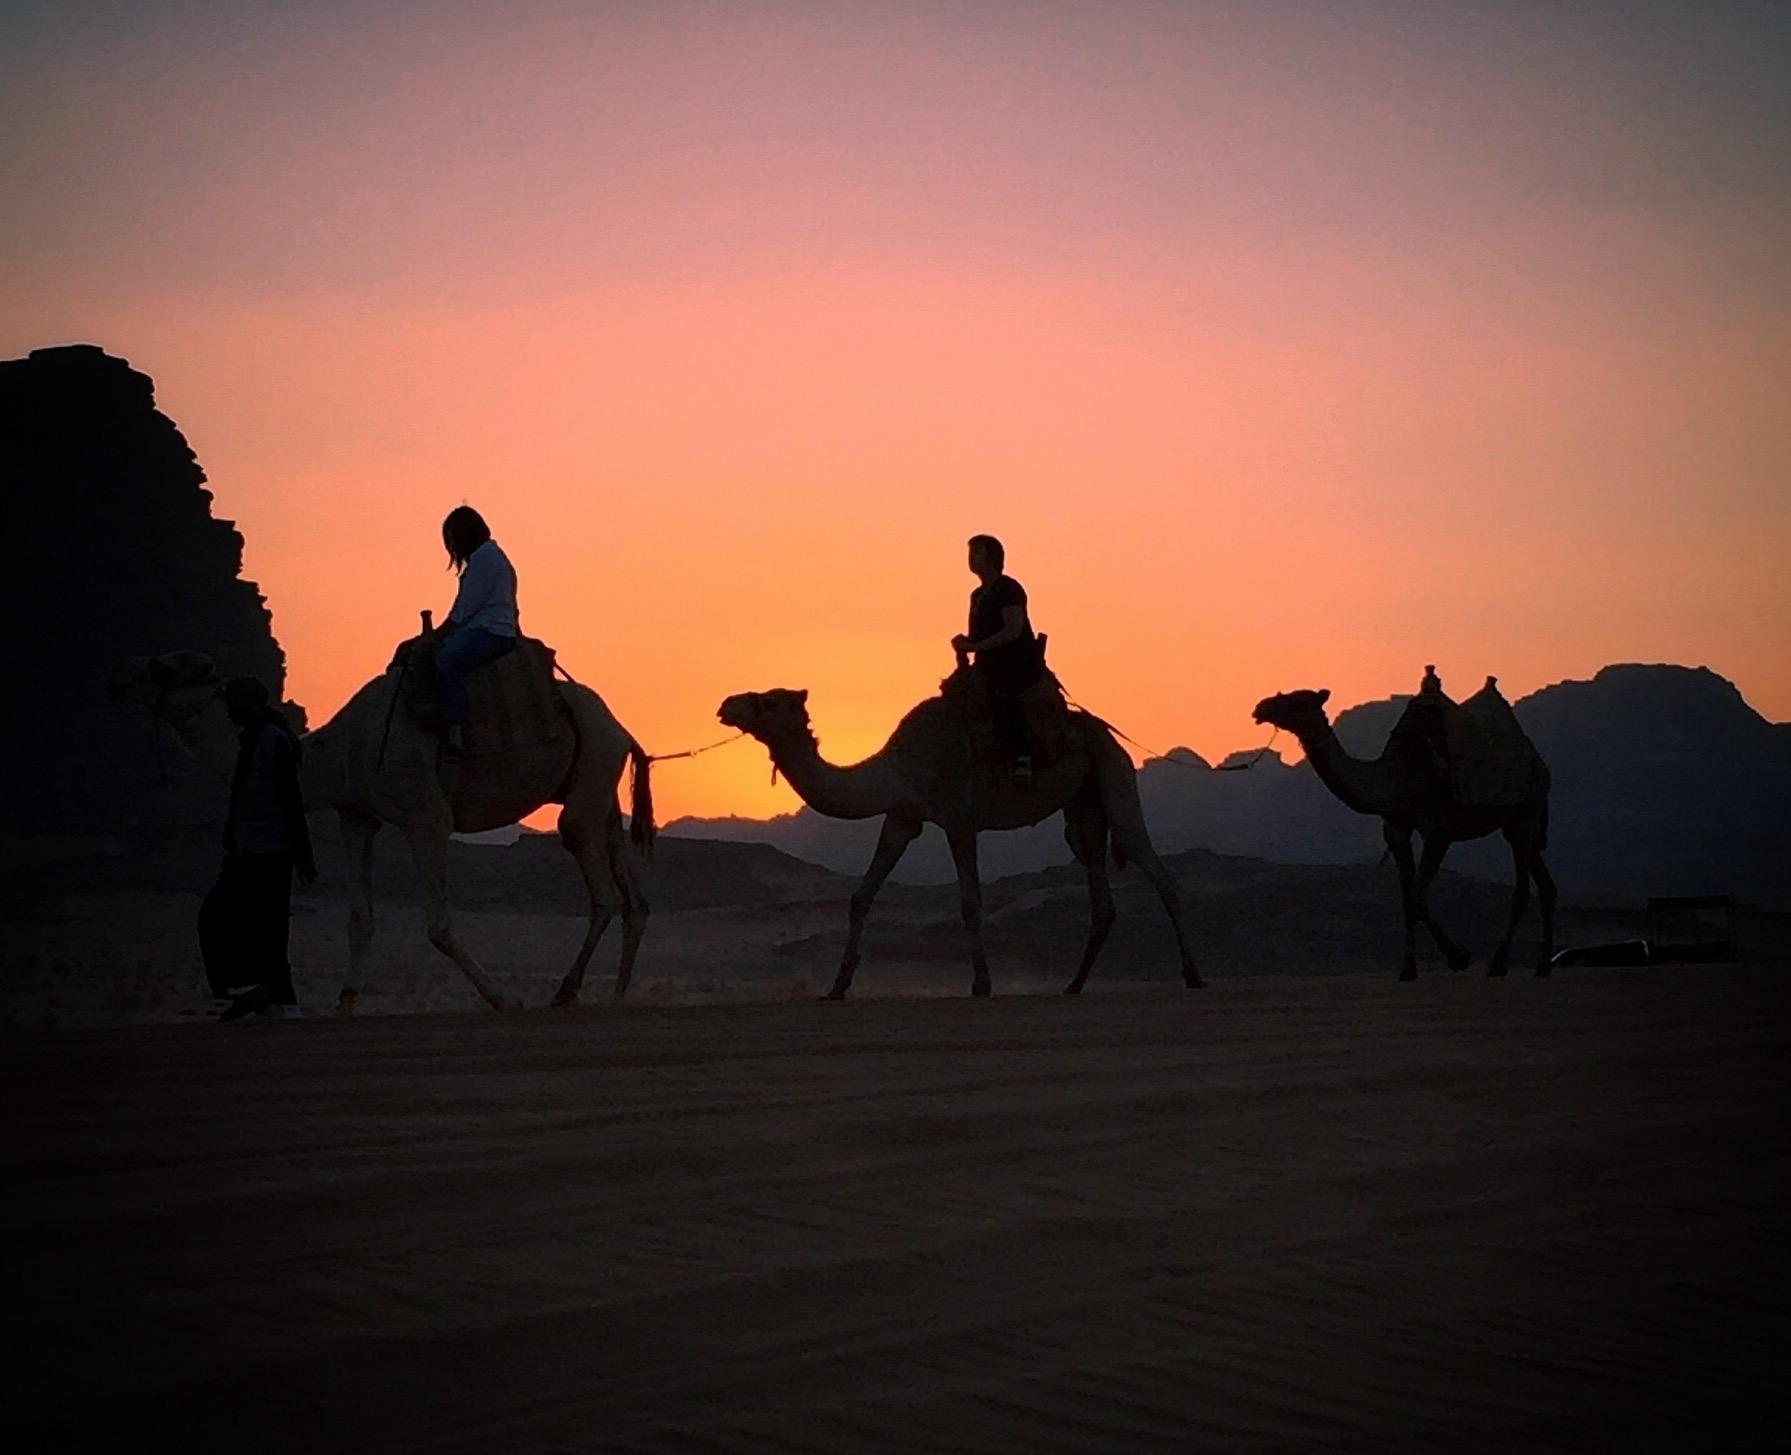 Sunset in Wadi Rum